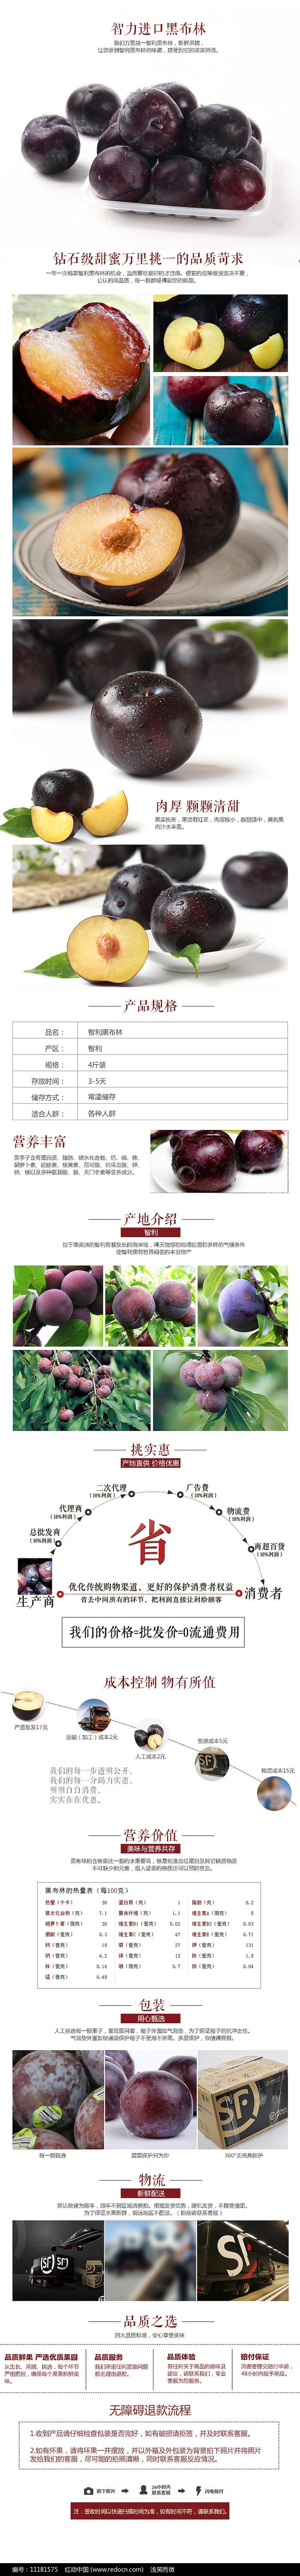 智利黑布林黑柿子详情页宝贝描述图片